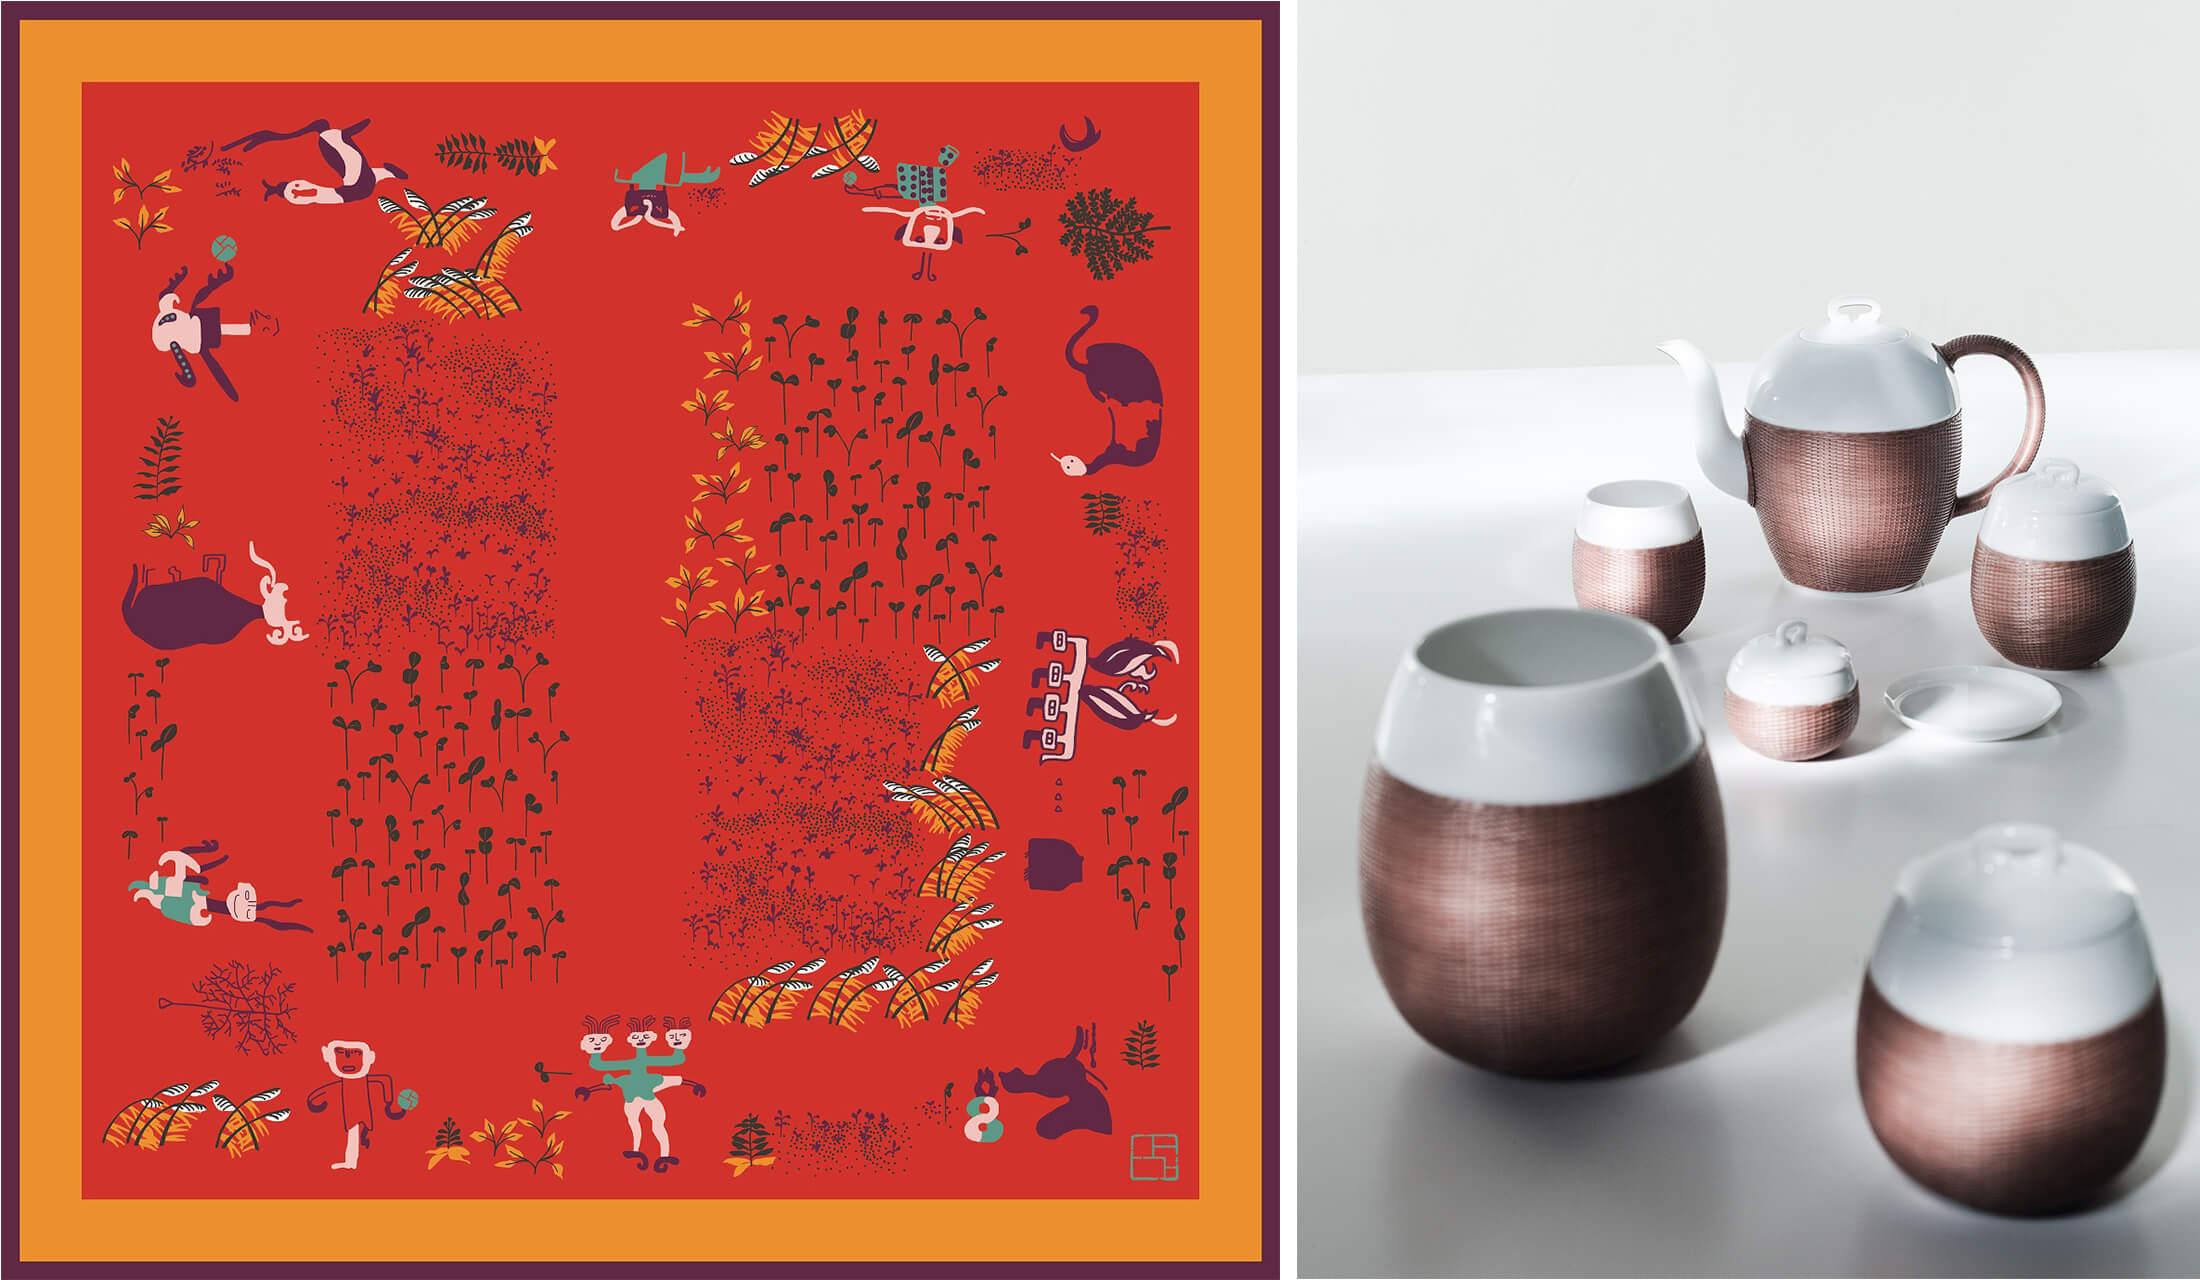 エルメスが立ち上げたライフスタイルブランド「シャンシア(SHANG XIA)」の商品イメージ